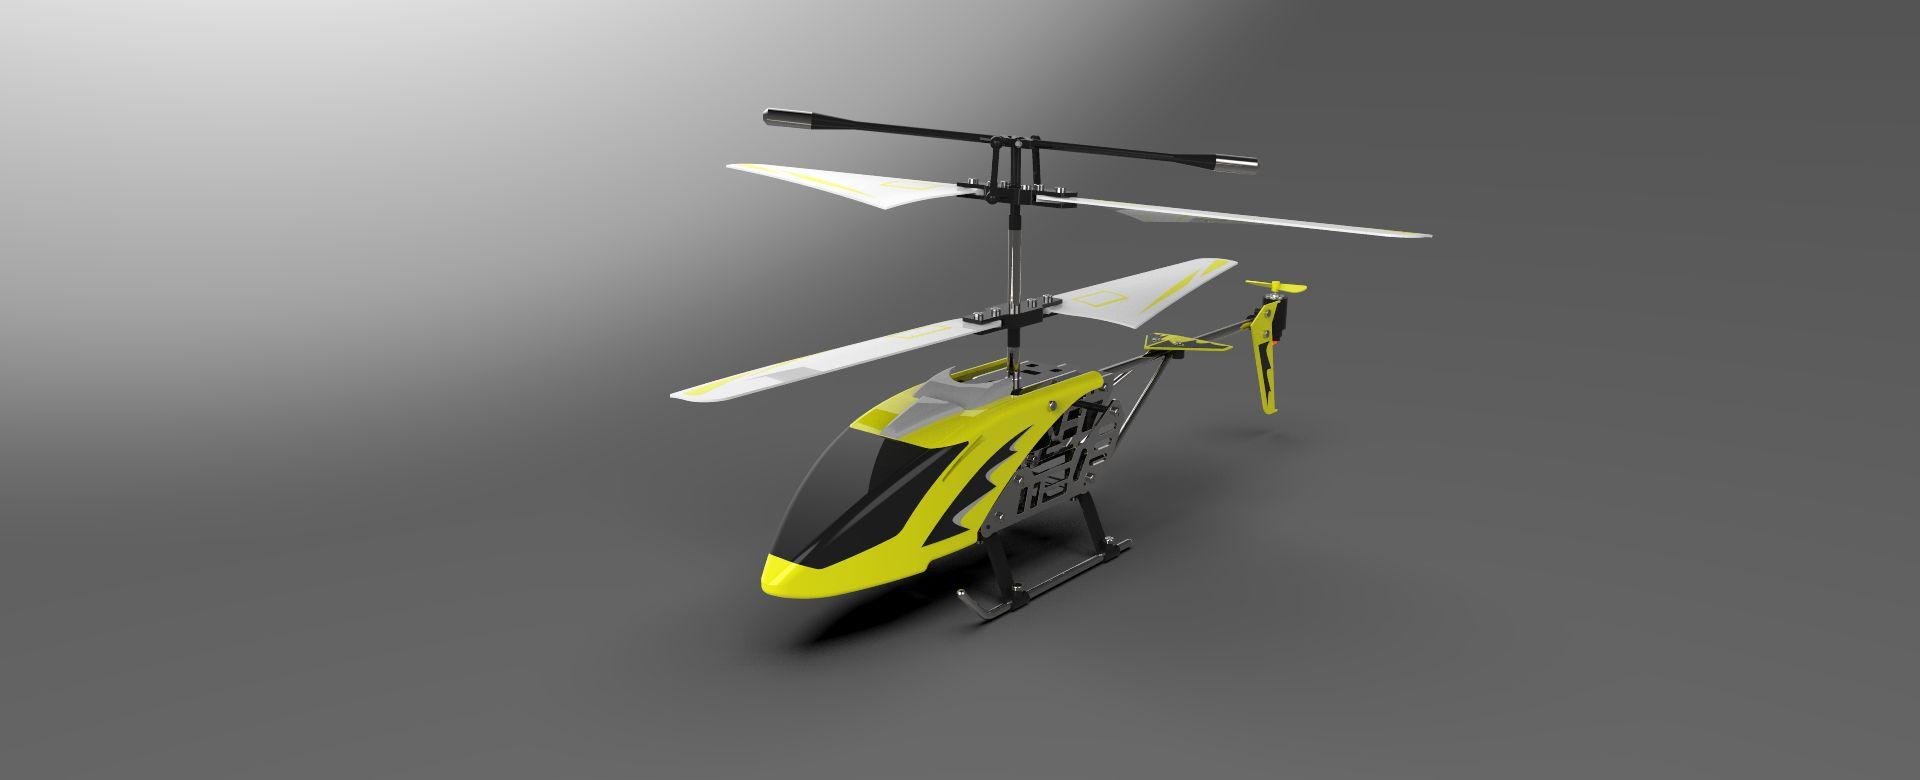 Choper-164-3500-3500